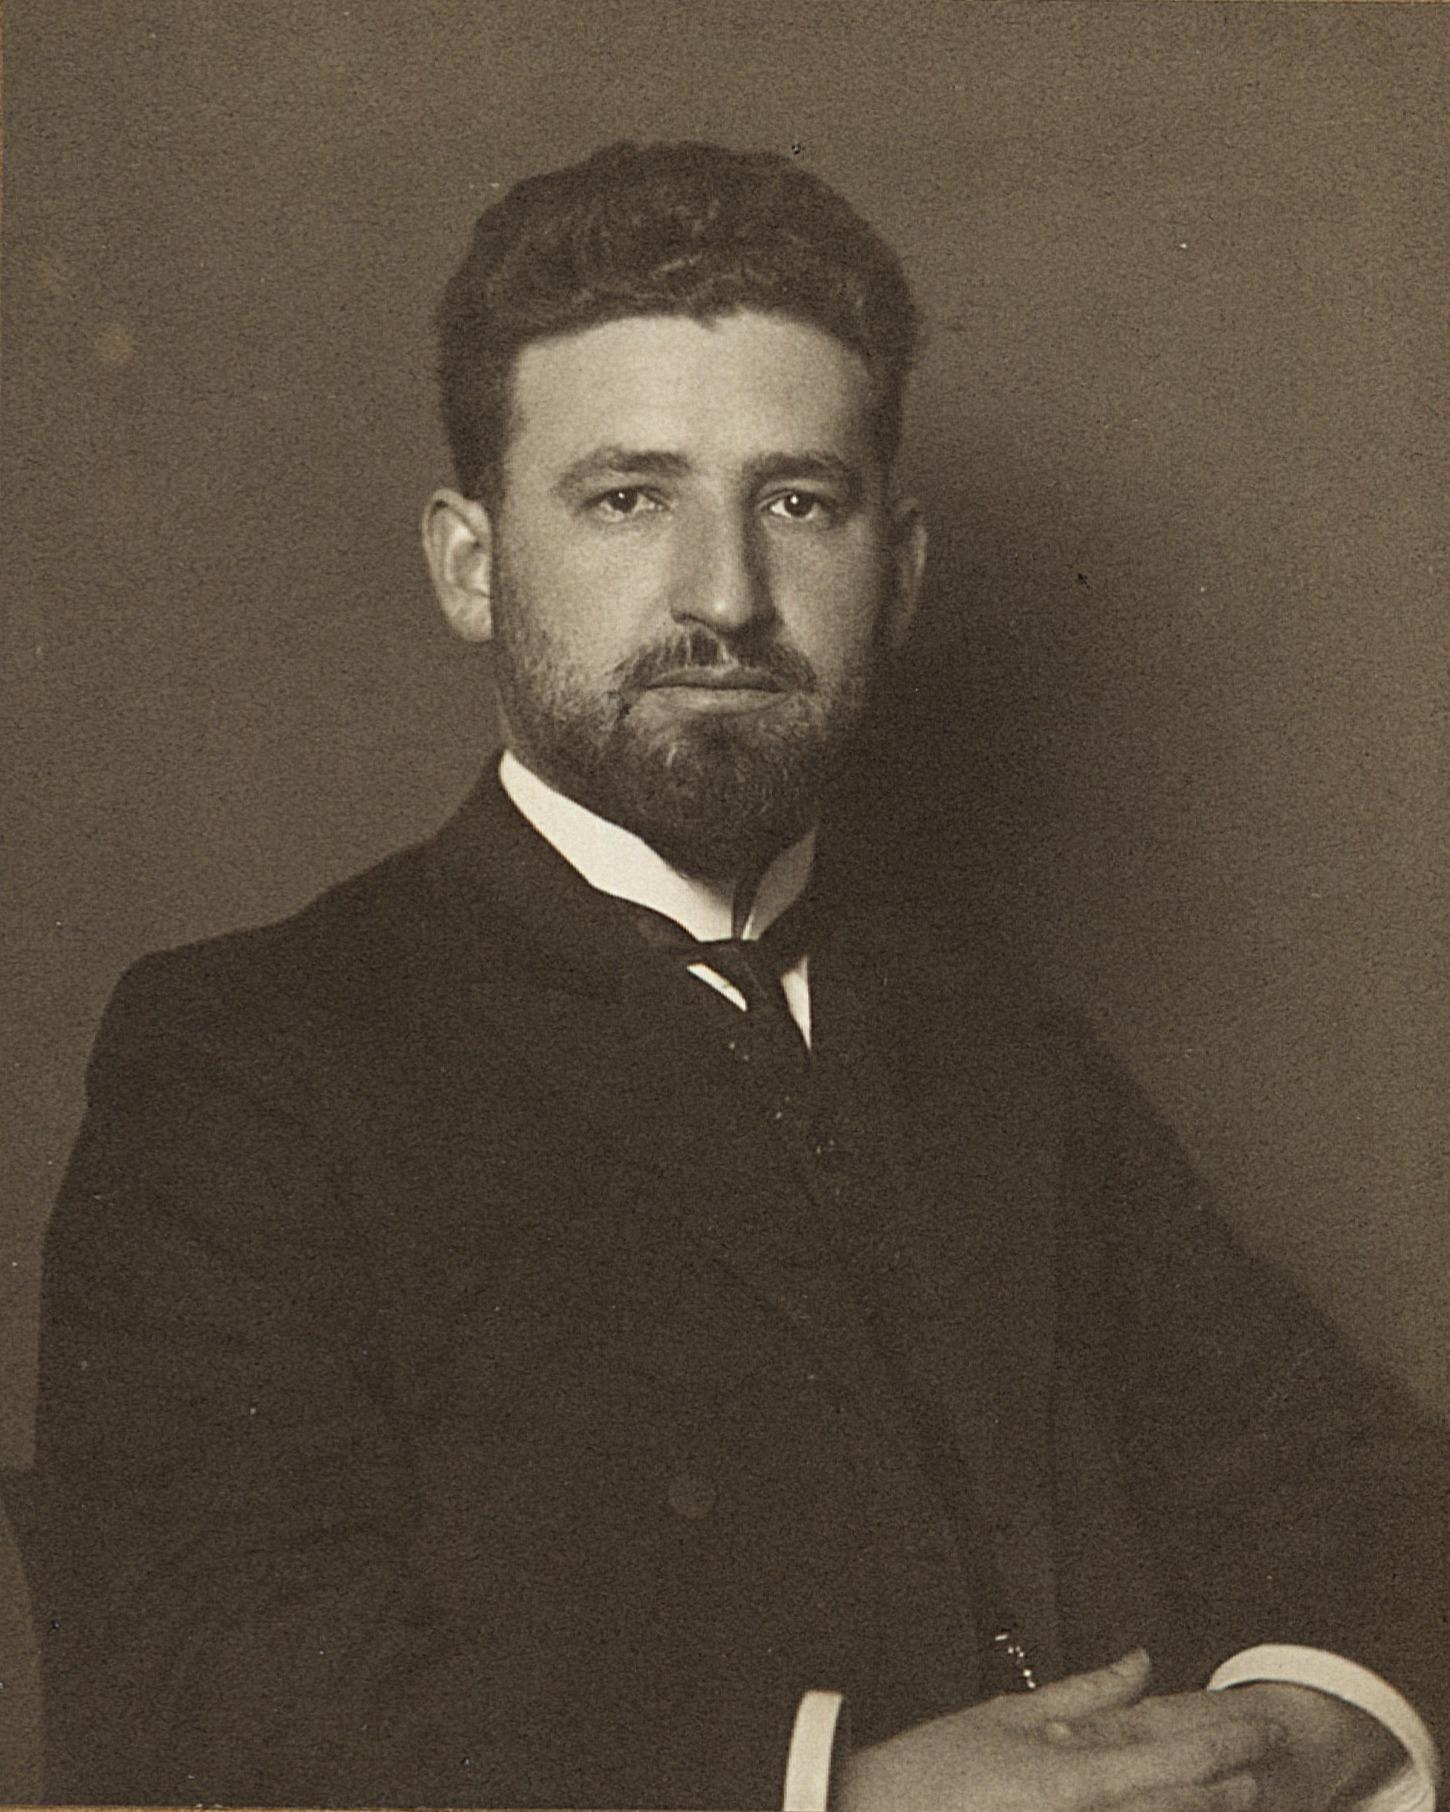 馬塞爾·格羅斯曼(Marcell Grossmann ,1878~1936年),猶太數學家,愛因斯坦的大學同窗和好友,專長是黎曼幾何,建議愛因斯坦將黎曼幾何中的里奇曲率張量納入重力方程式。圖片來源│維基百科